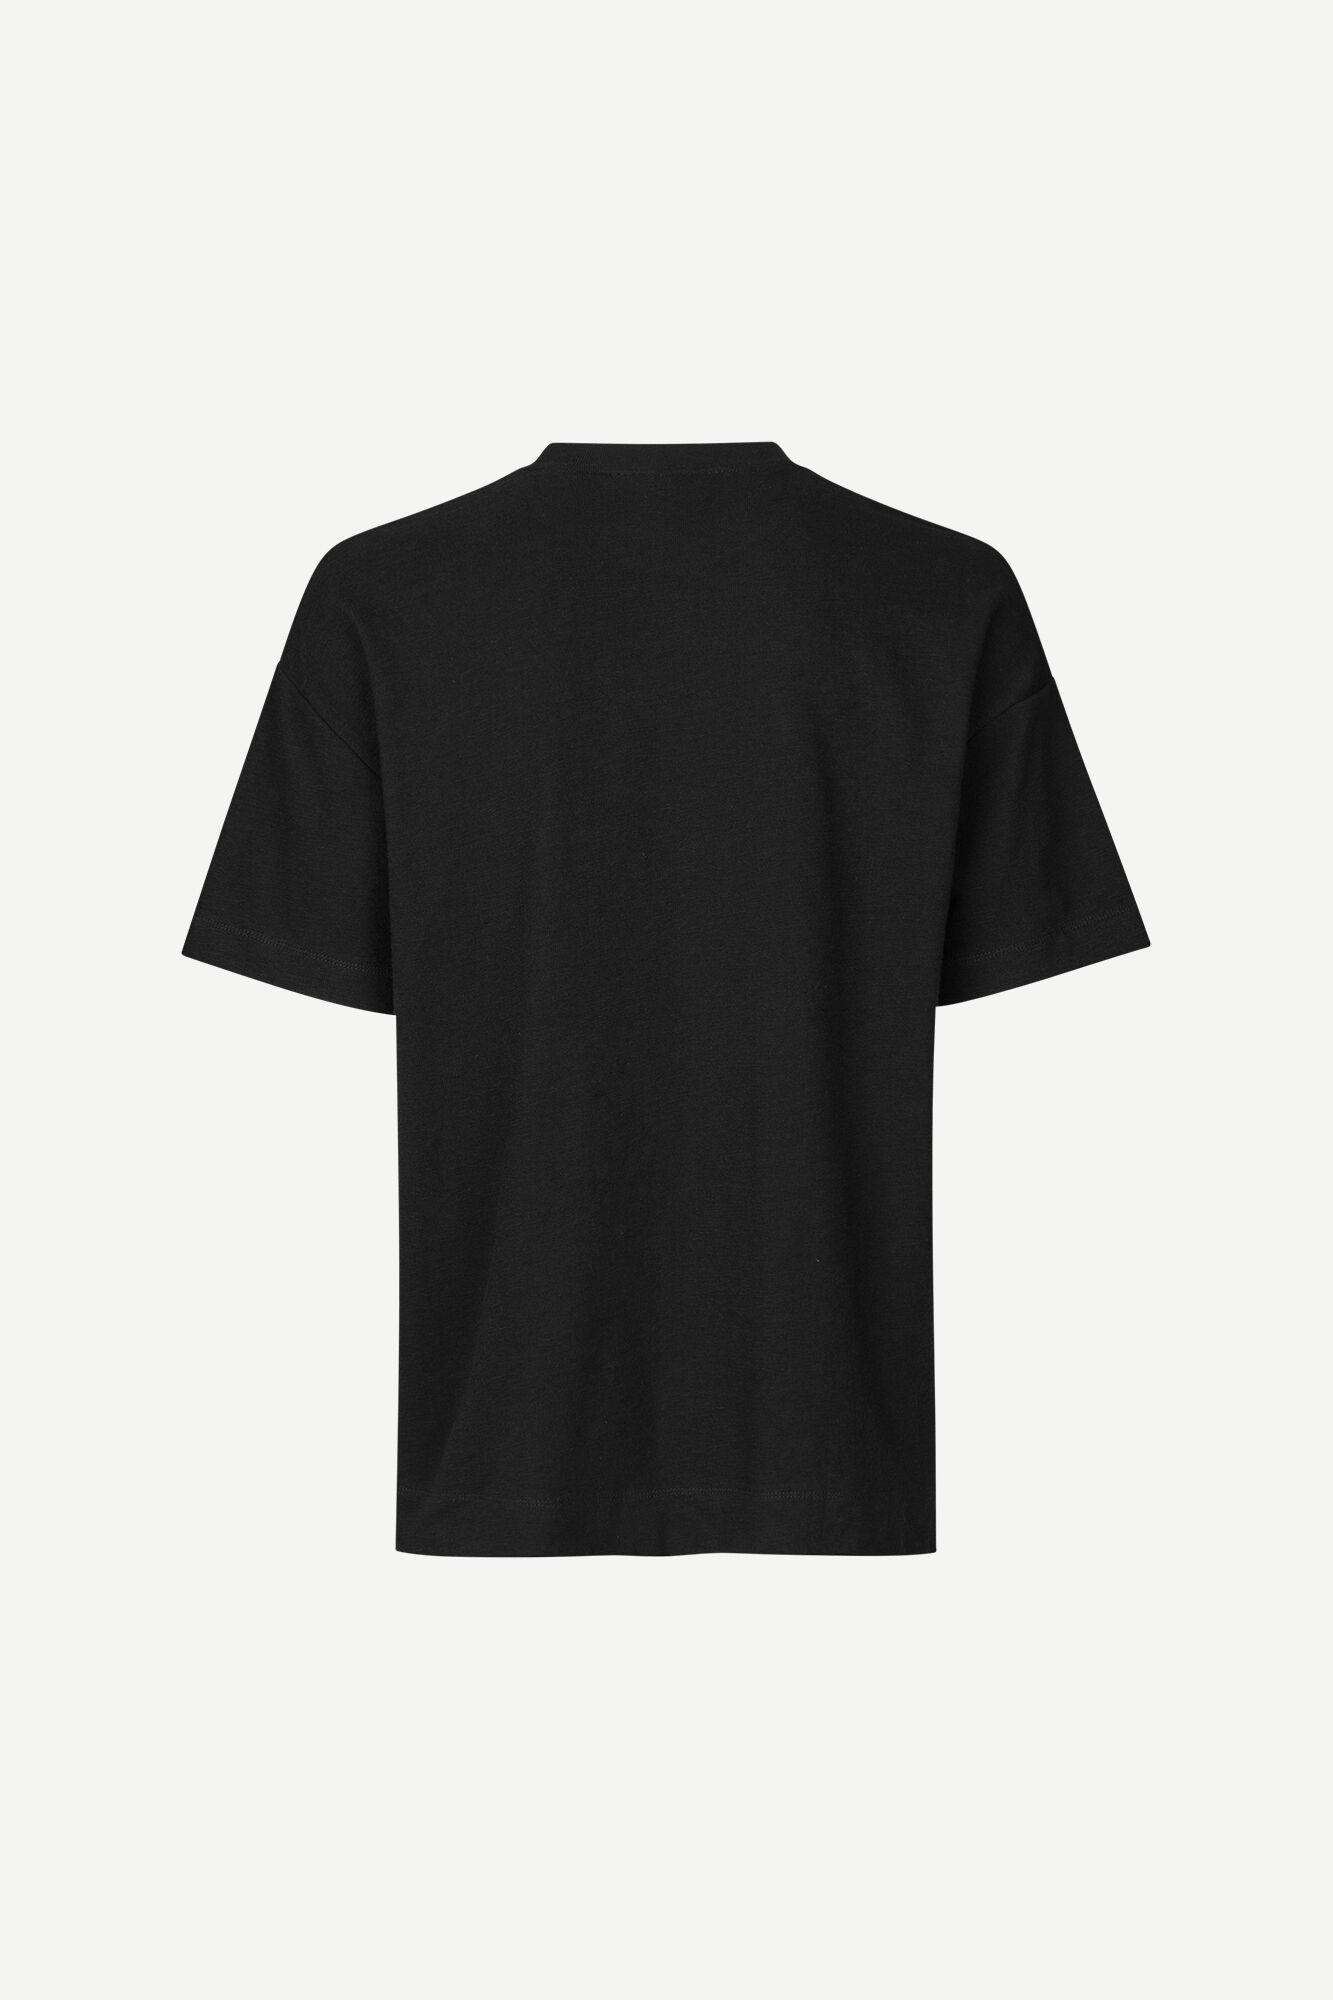 Ratano t-shirt 11411, BLACK